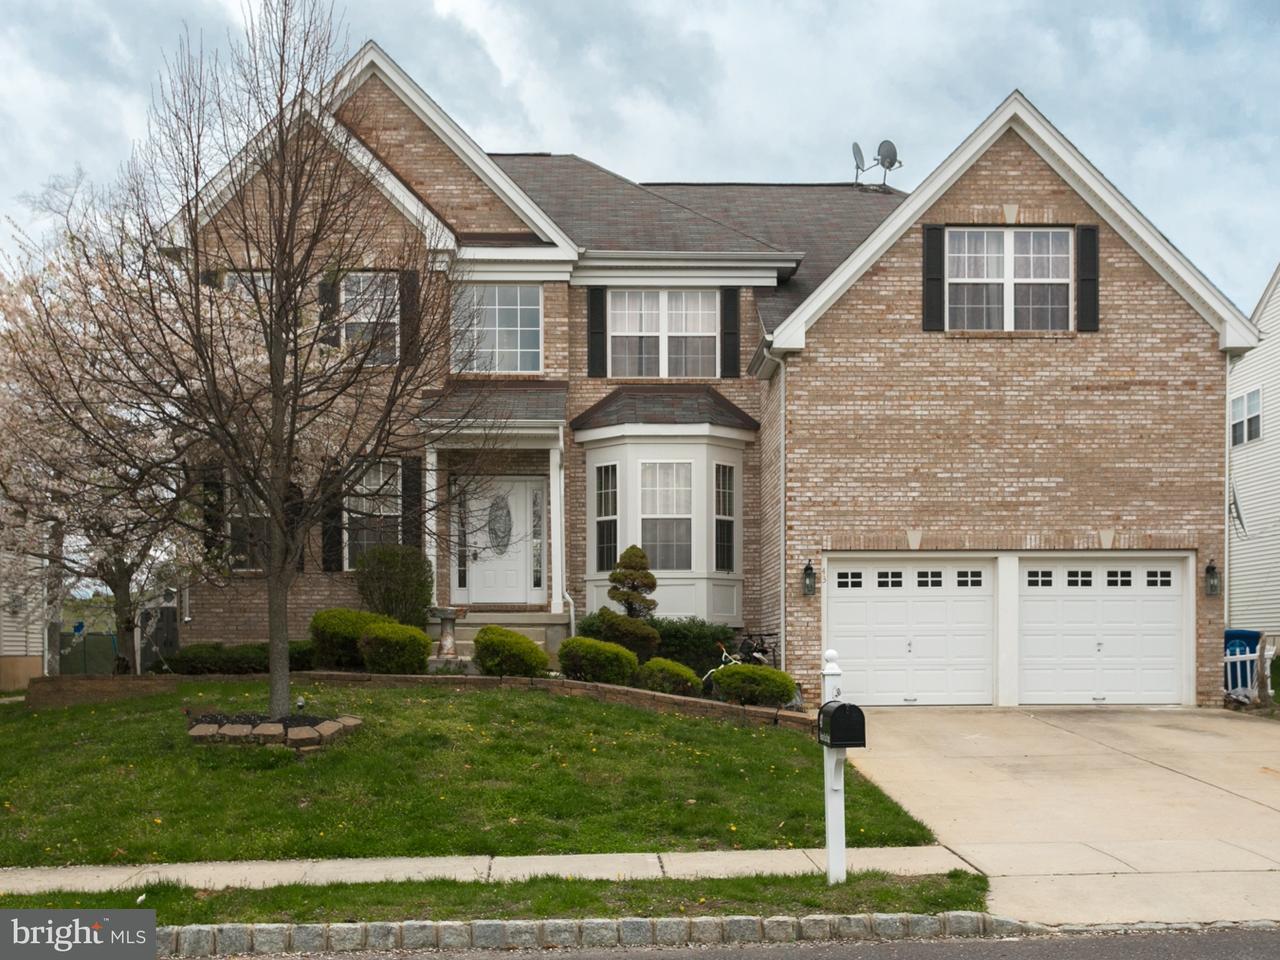 Частный односемейный дом для того Продажа на 43 MEADOW RUN Road Bordentown, Нью-Джерси 08505 Соединенные Штаты